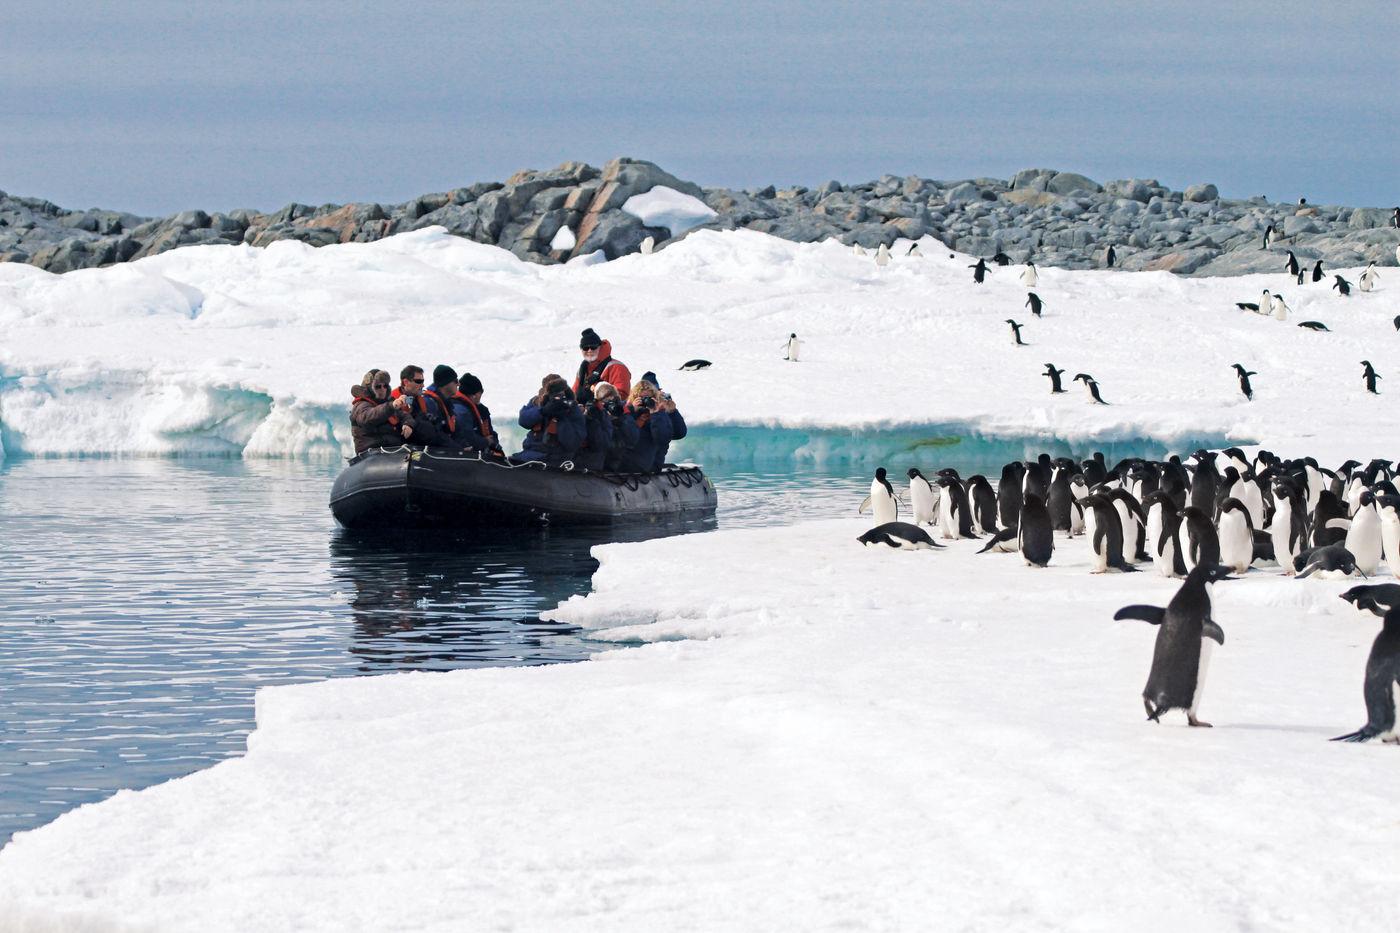 Adélie pinguïns laten zich mooi bekijken vanaf de zodiac. © K. Ovsyanikova / Heritage Expeditions